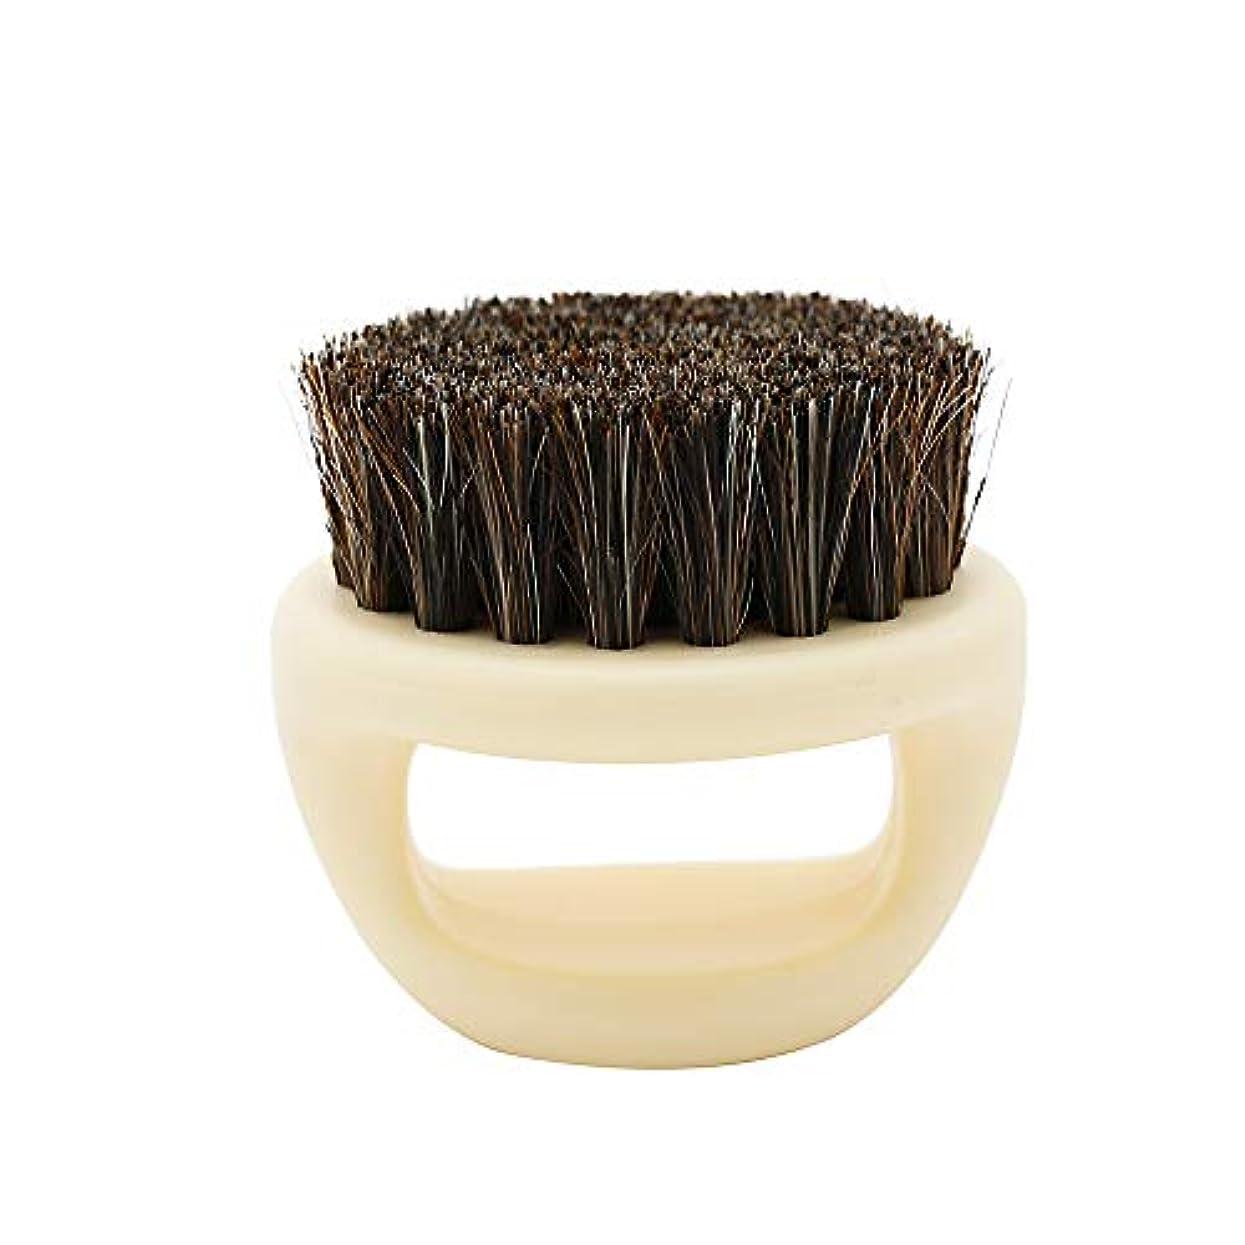 振り子移動する打撃Nrpfell 1個リングデザイン馬毛メンズシェービングブラシプラスチック製の可搬式理容ひげブラシサロンフェイスクリーニングかみそりブラシ(ホワイト)